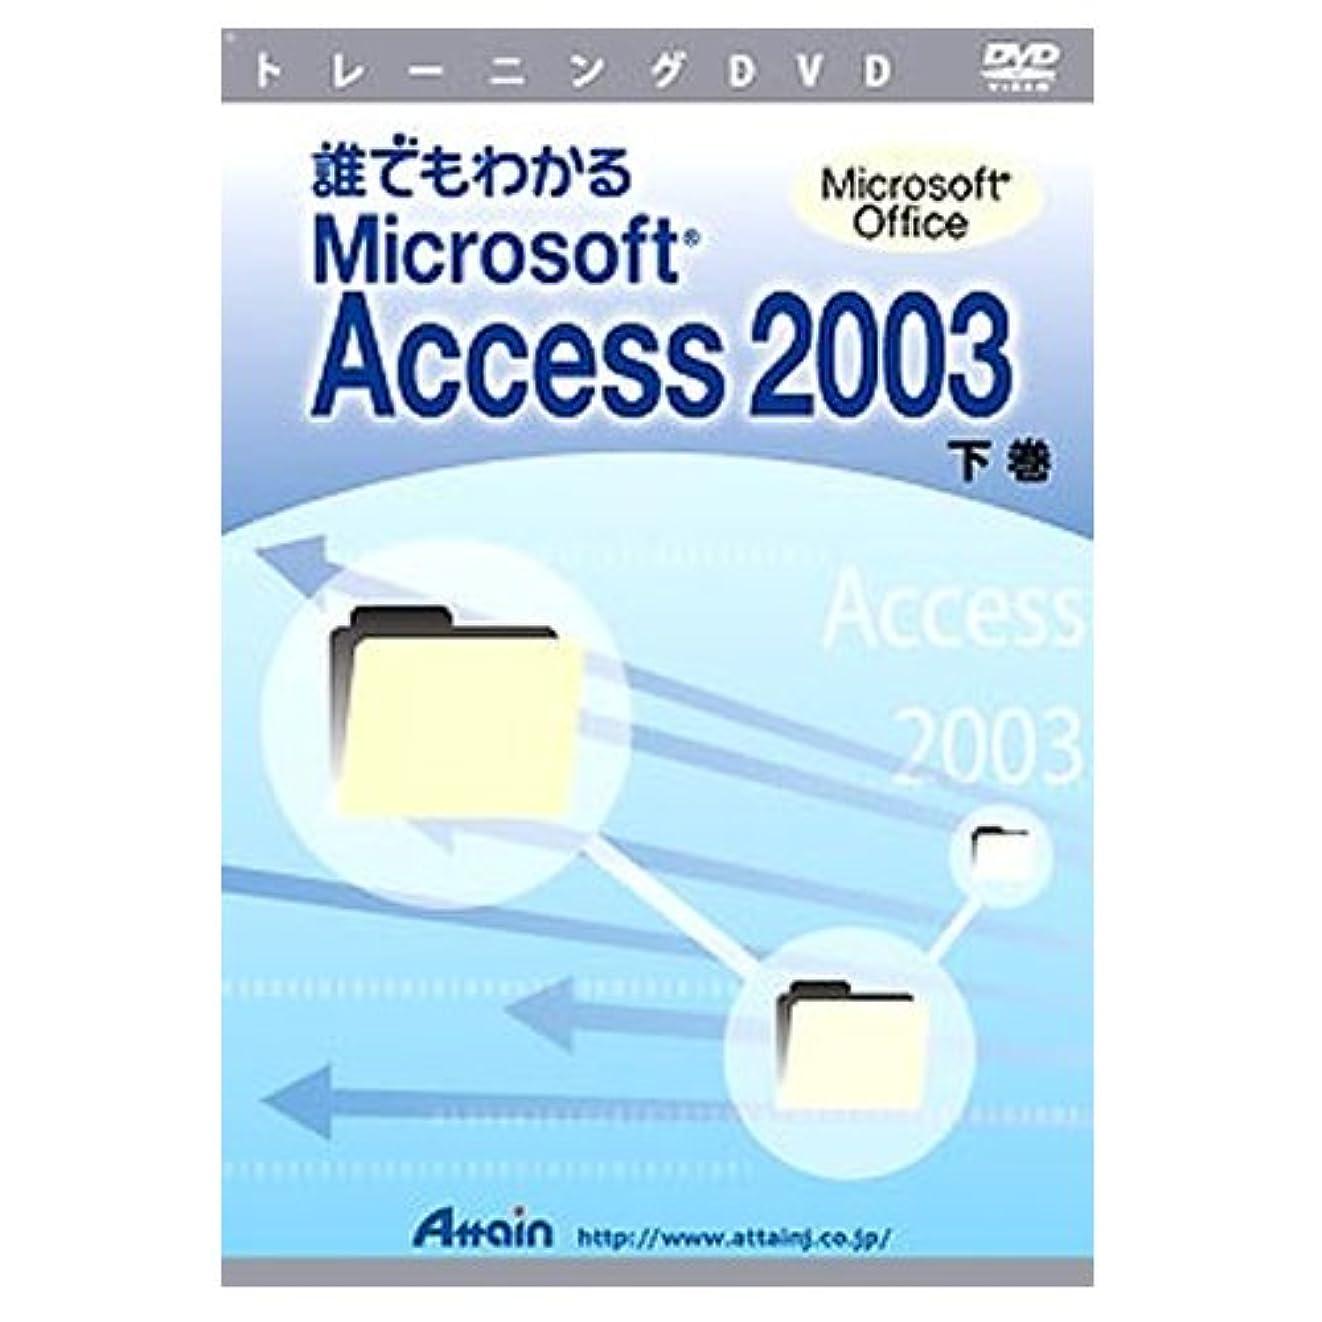 することになっている湿気の多い餌トレーニングDVD 誰でもわかるMicrosoft Access 2003 下巻